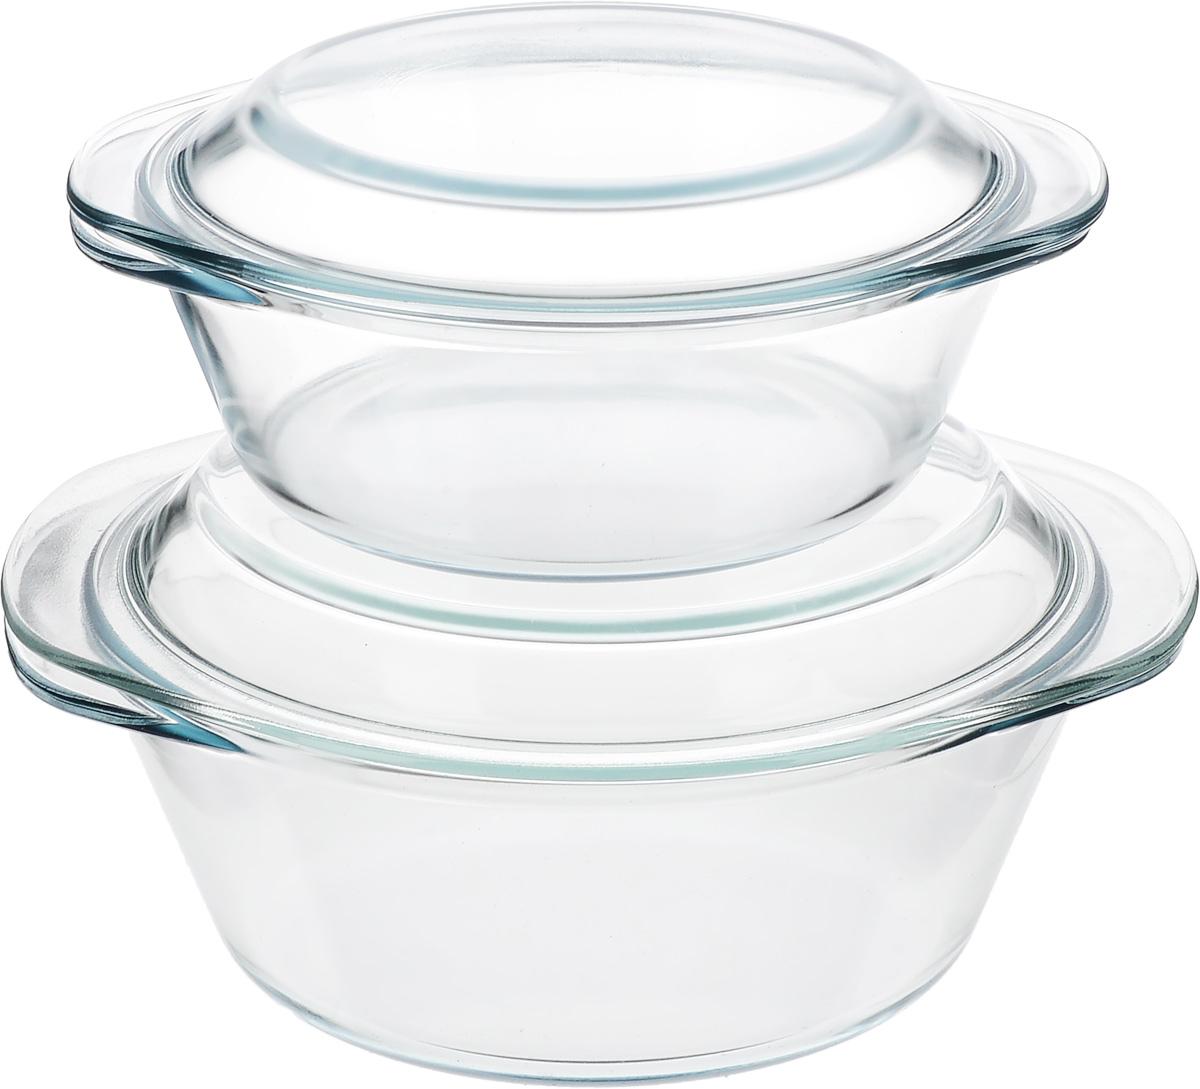 """Набор Helper """"Gurman"""" состоит из двух кастрюль с крышками. Кастрюли изготовлены из жаропрочного стекла. Стеклянная огнеупорная посуда идеальна для приготовления блюд в духовке, микроволновой печи, а также для хранения продуктов в холодильнике и морозильной камере. Безопасна с точки зрения экологии. Не вступает в реакции с готовящейся пищей, не боится кислот и солей. Не ржавеет, в ней не появляется накипь. Не впитывает запахи и жир. Благодаря прозрачности стекла, за едой можно наблюдать при ее готовке. Изделия оснащены небольшими ручками.Можно мыть в посудомоечной машине.Объем кастрюль: 1,2 л, 2,3 л.Диаметр кастрюль: 18,5 см, 22 см.Высота стенки кастрюль: 6,5 см, 8,5 см."""